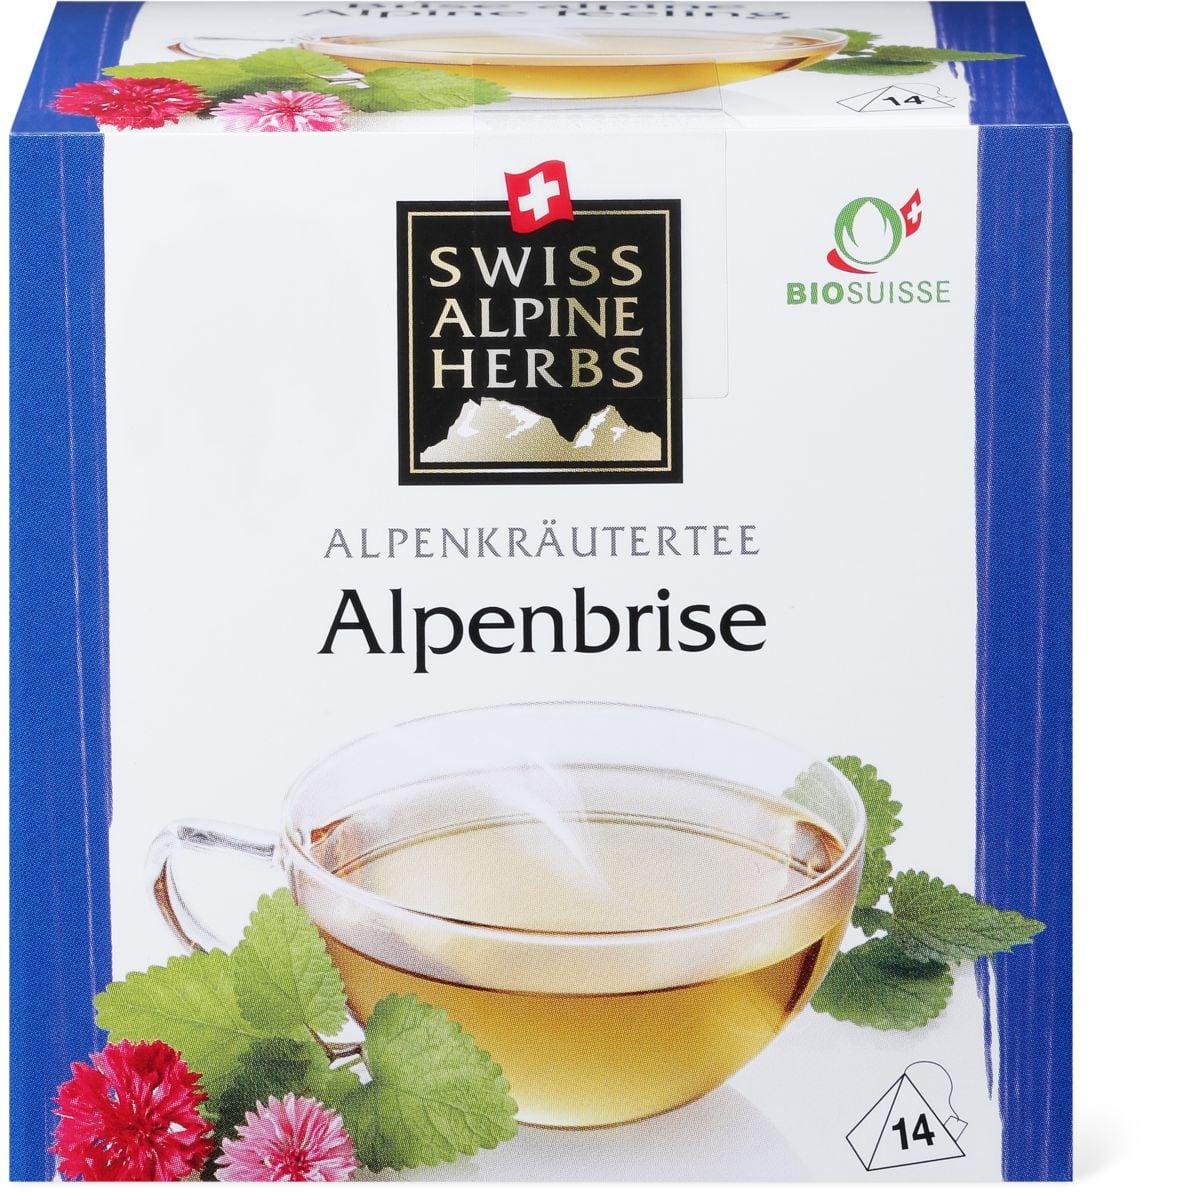 Bio Swiss Alpine Herbs Alpenbrise